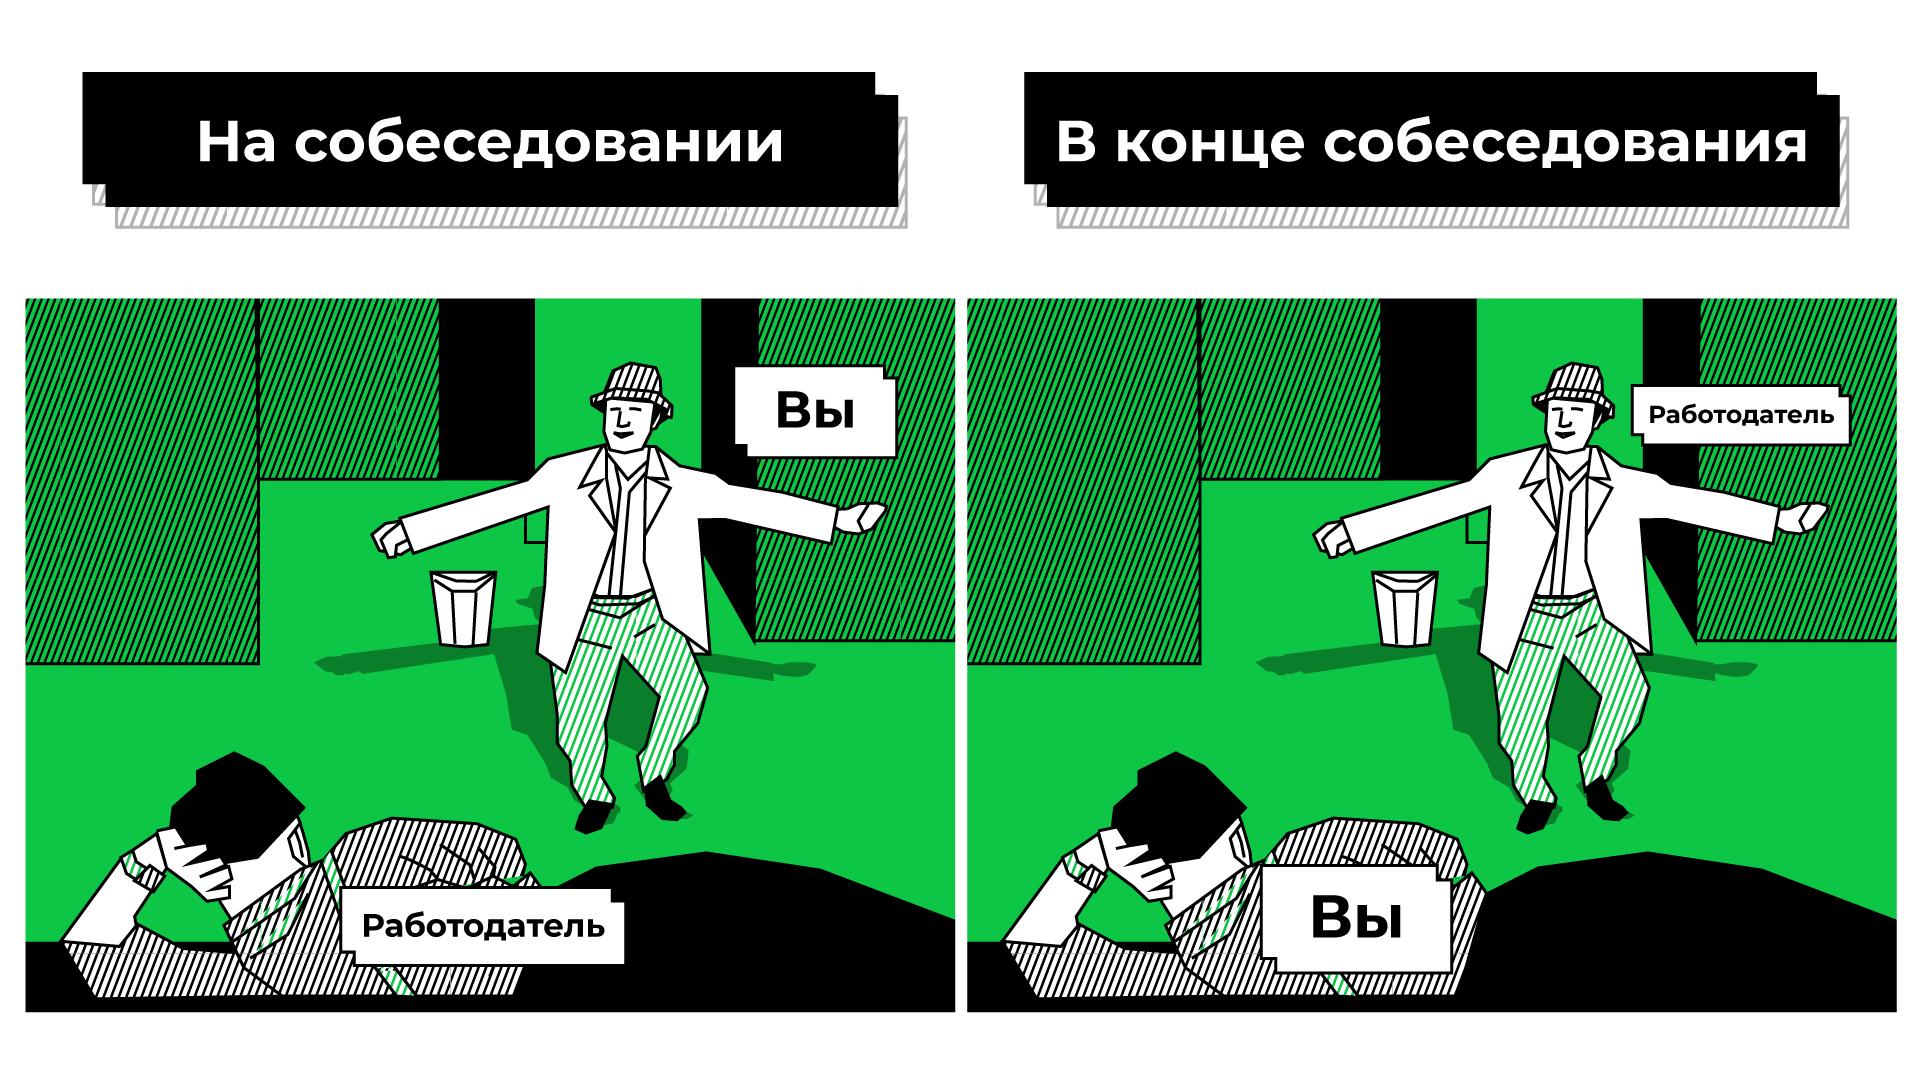 Сценарий идеального технического собеседования - 2